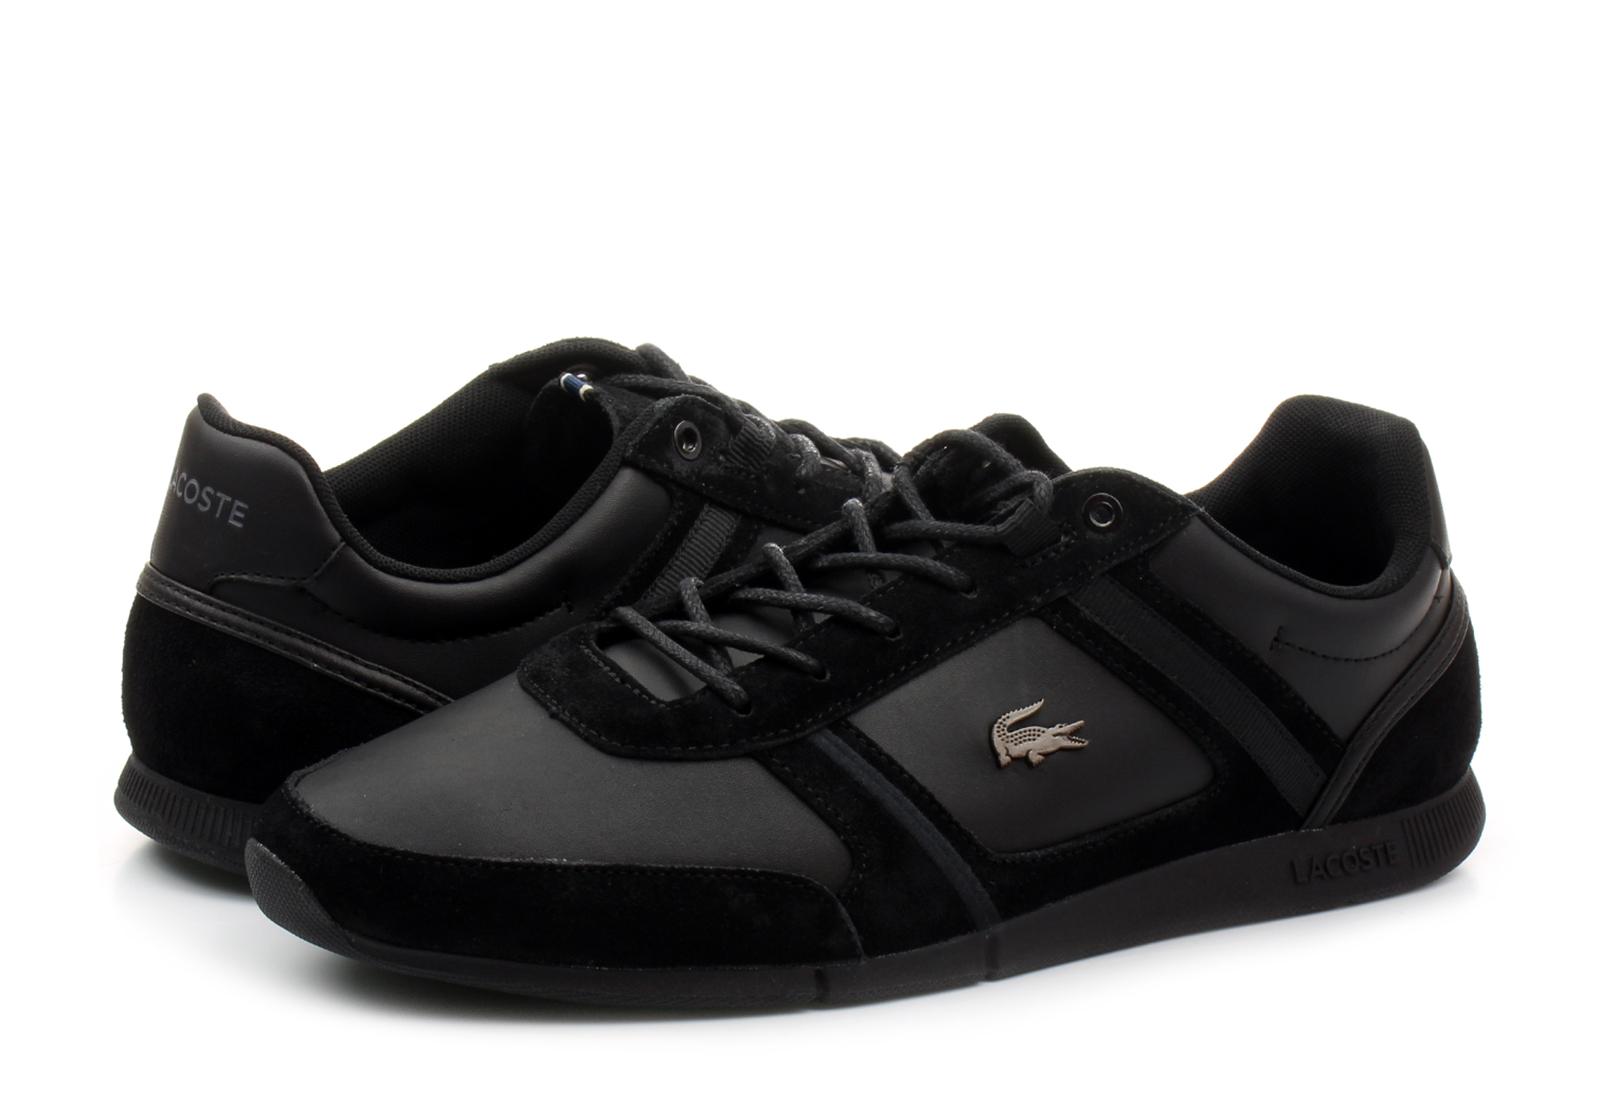 shop Lacoste for Menerva 181cam0078 118 02h Shoes 1 Online CqwaUSC0